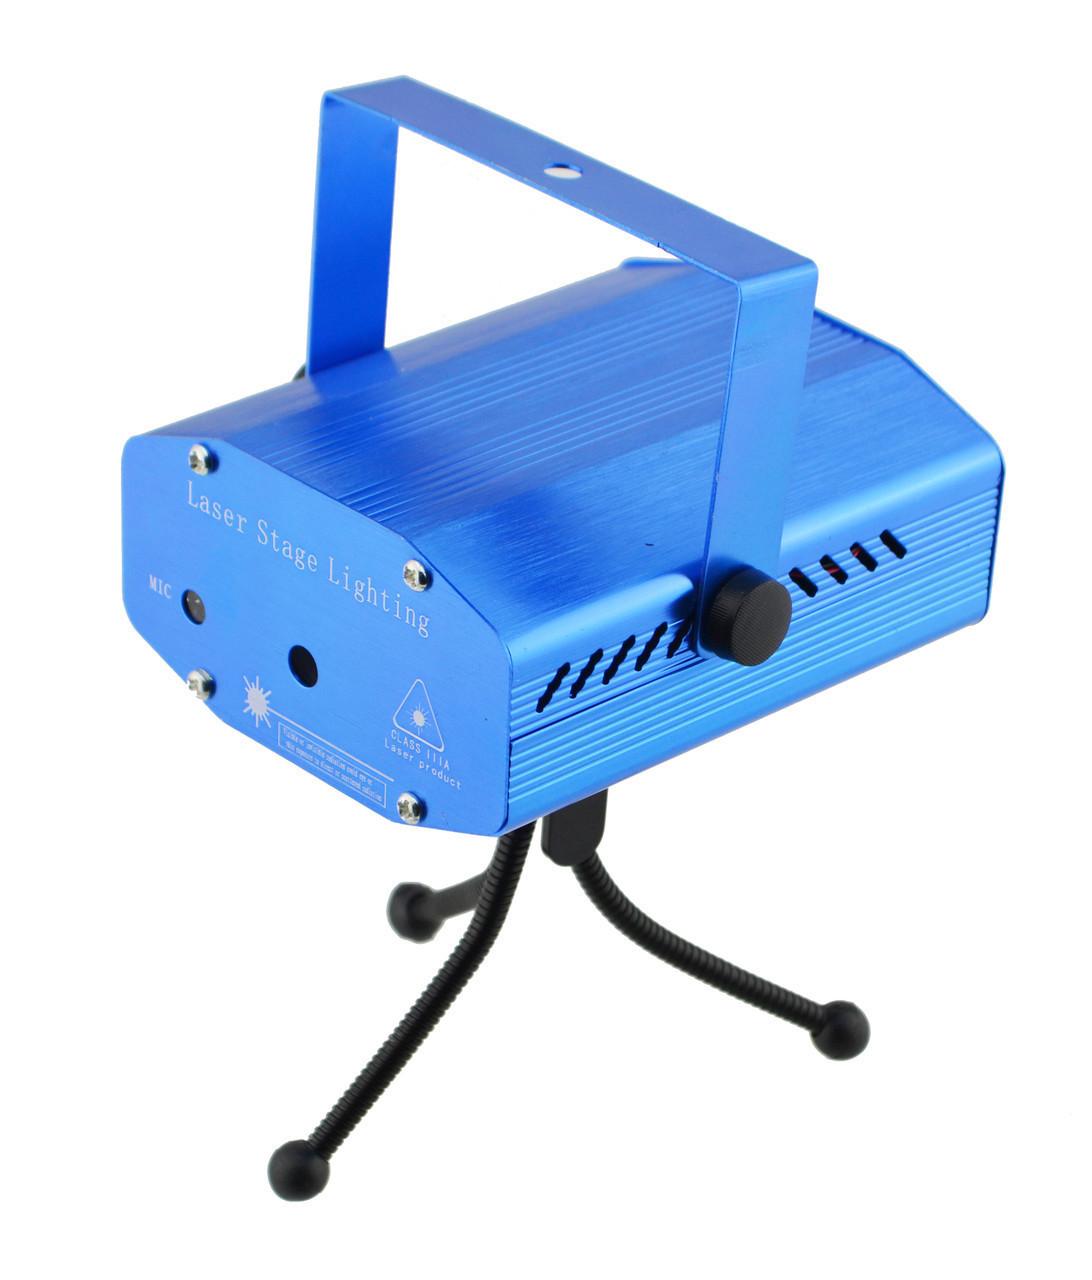 Лазерный проектор, стробоскоп, диско лазер UKC HJ08 4 в 1 c триногой